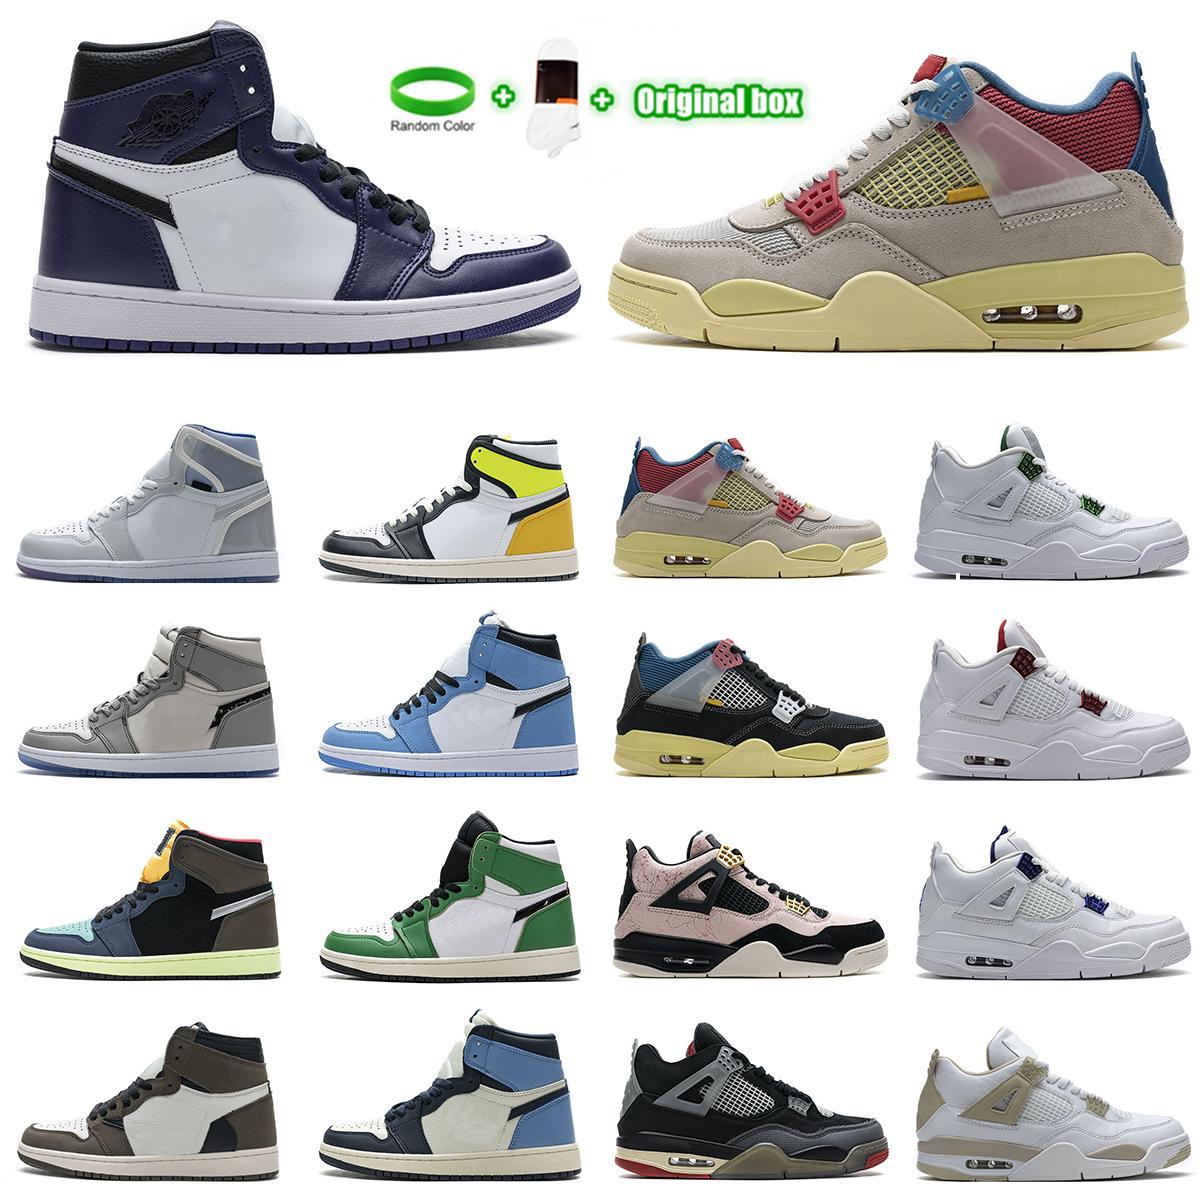 Yelken Kara Kedi Bred 4 4s Ayakkabı Guava Buz Büküm Beyaz Çimento Ne Mens Basketbol Ayakkabıları 1 1 S Travis Scotts Obsidiyen UNC Korkusuz Kadınlar Sneakers